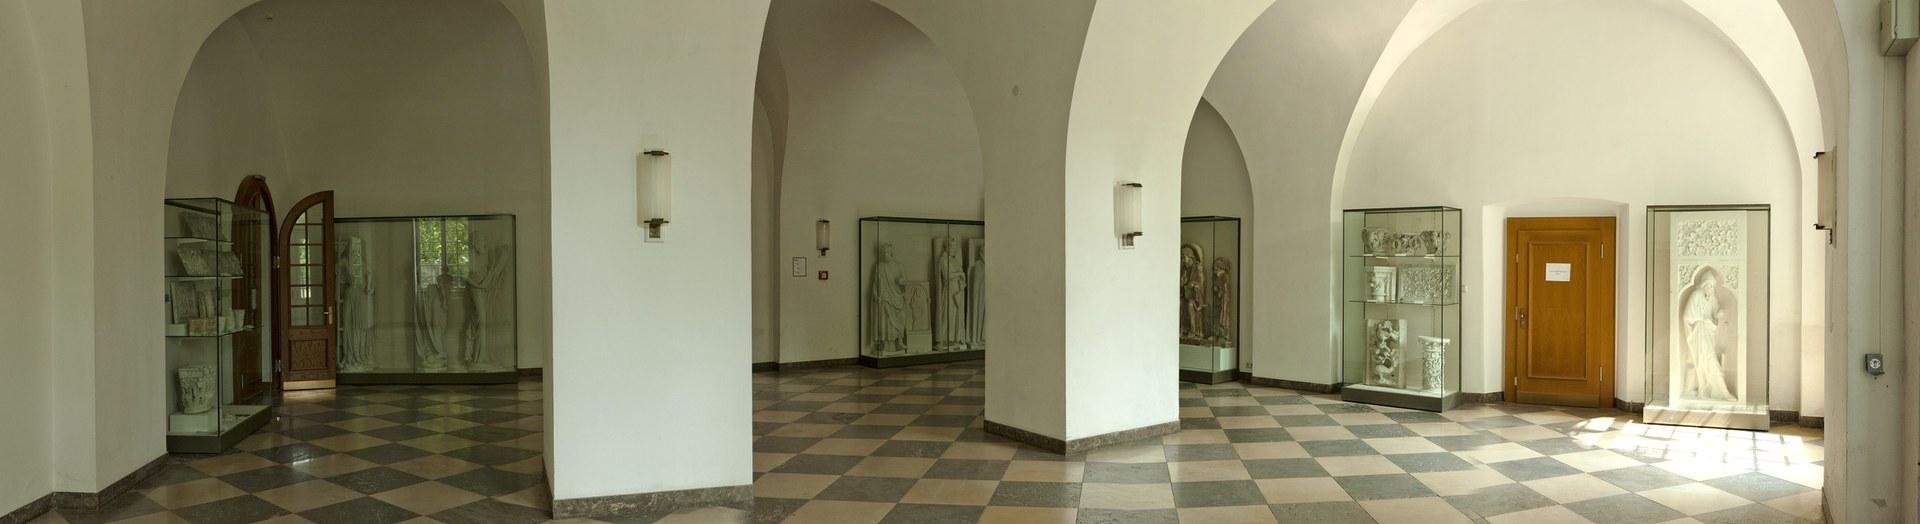 Gipsabgusshalle des Paul-Clemen-Museums